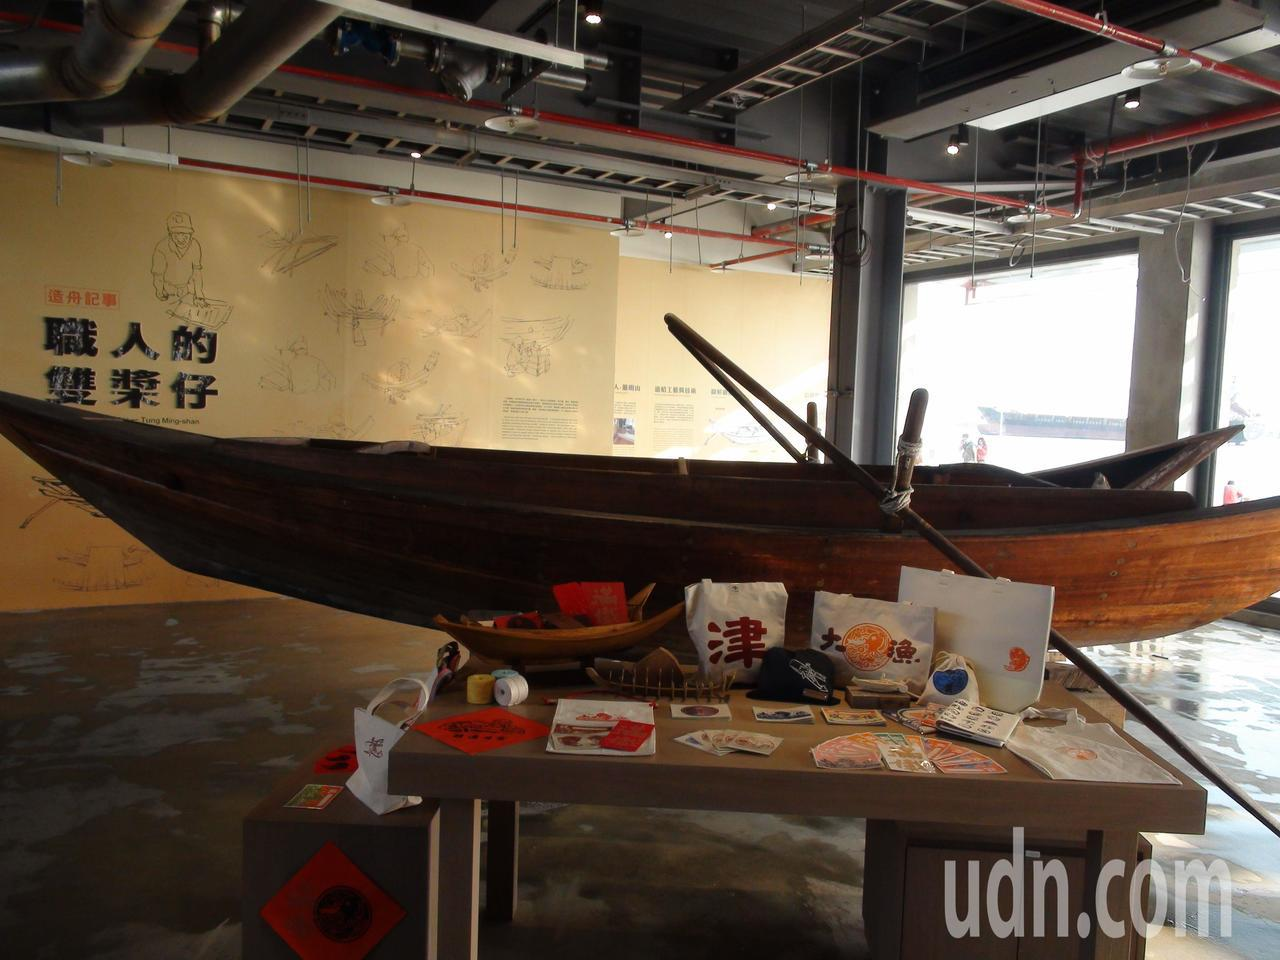 倉庫內還展示高雄港消失超過40年的舢舨-雙槳仔,這是早年港區內重要的渡海工具。記...